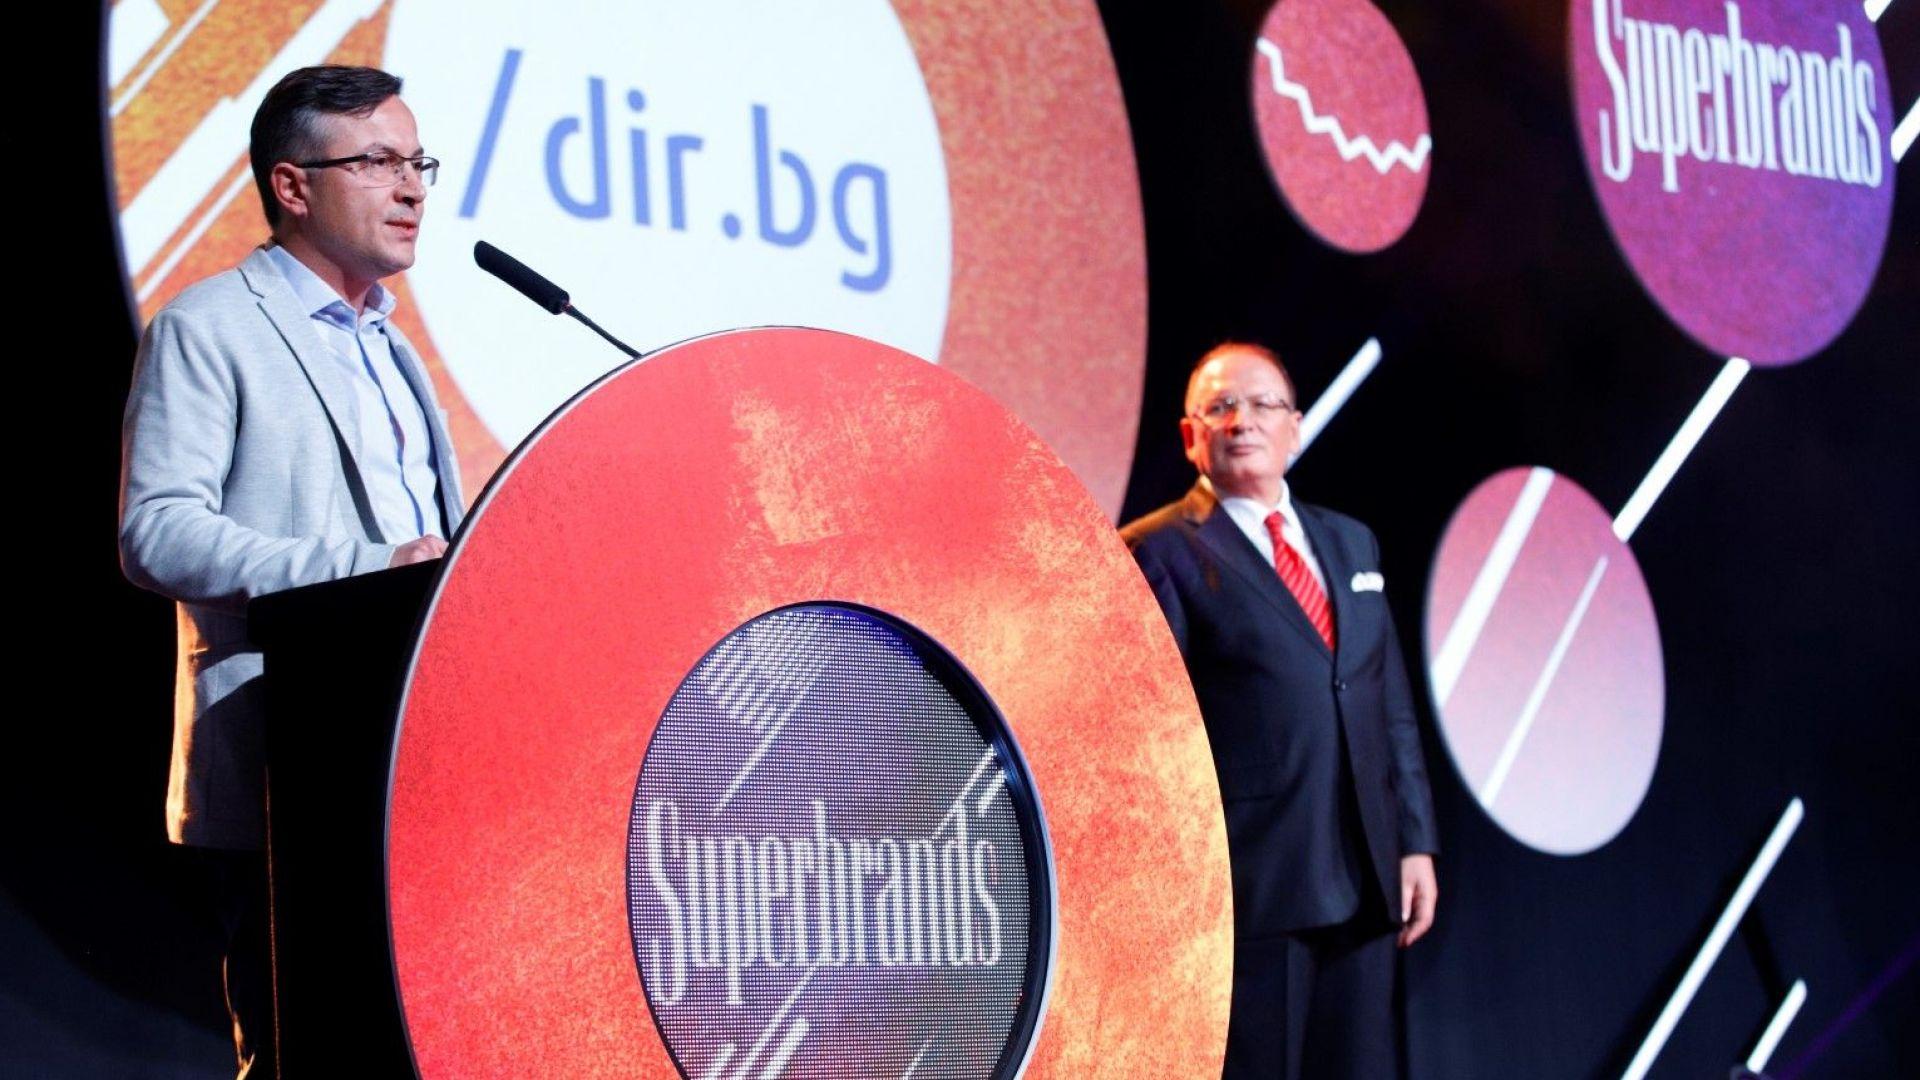 Dir.bg с поредно отличие на Superbrands